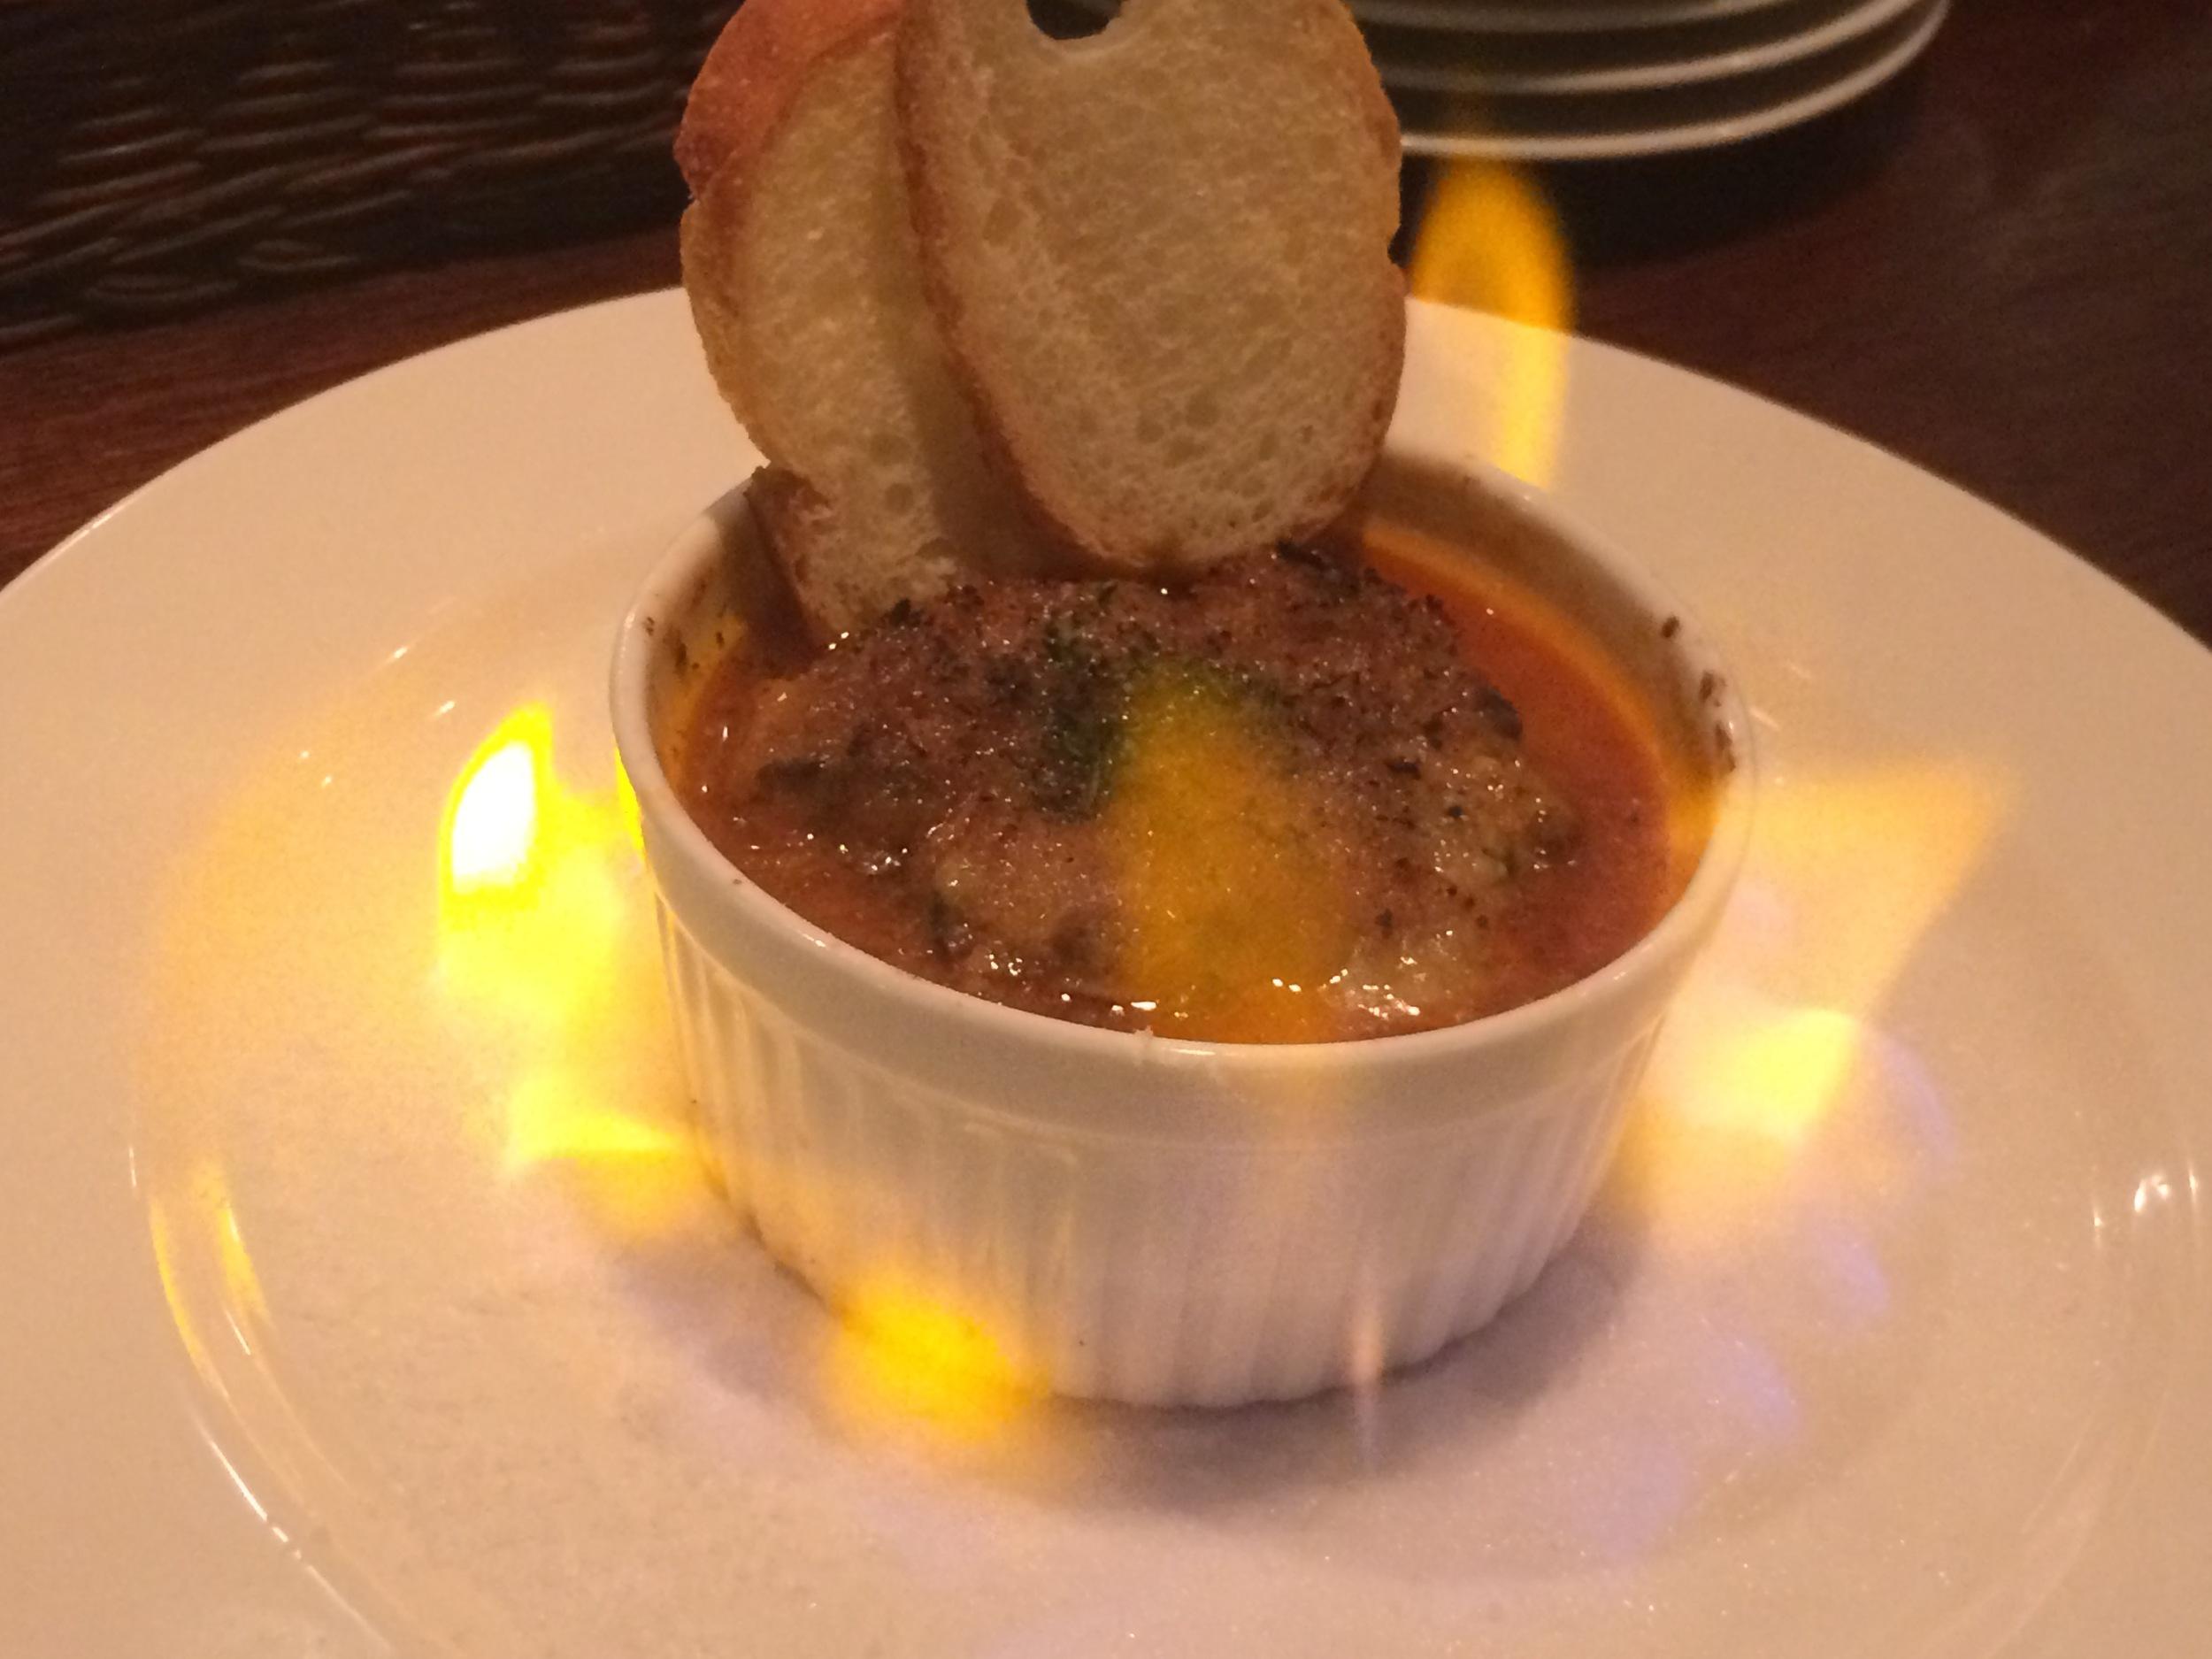 本日のおすすめ   牡蠣とラタトゥイユのガーリックバター焼き   大ぶりの牡蠣を二つラタトゥイユの上にのせ、ガーリックバターのソースでオーブン焼きにした大人気の一品。炎の中で暫く焼いてからお召し上がりいただきます。